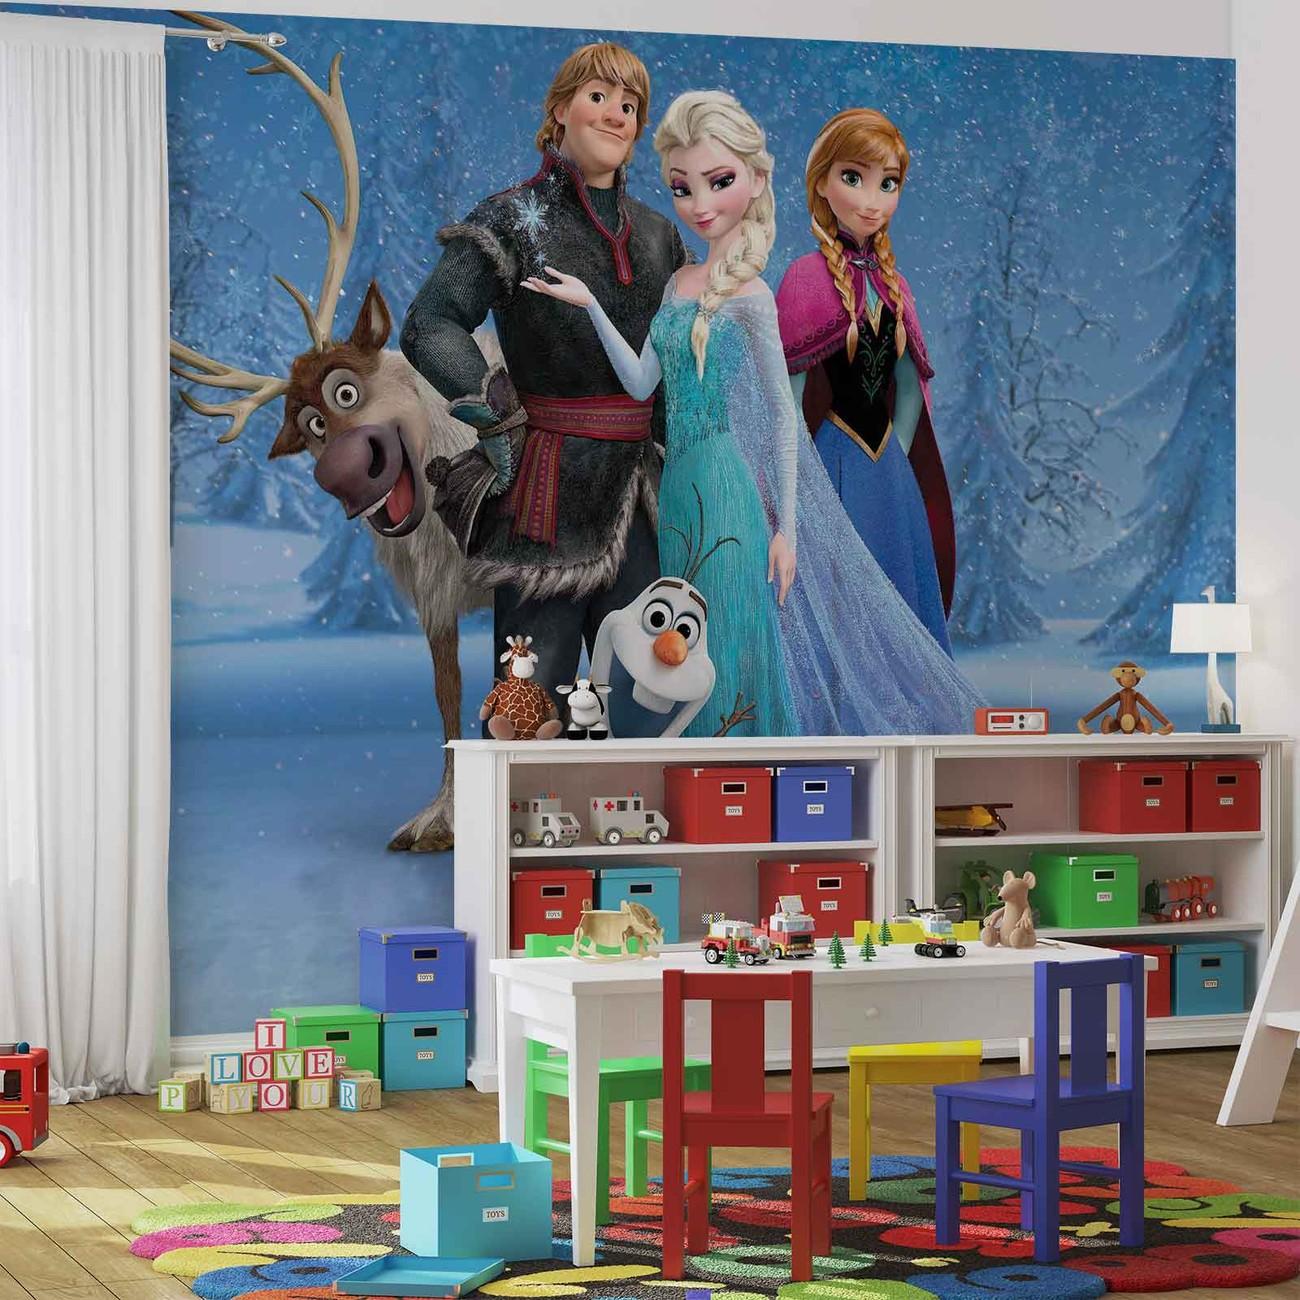 Top Fototapete, Tapete Disney Eiskönigin Elsa Anna Olaf Sven bei KA86